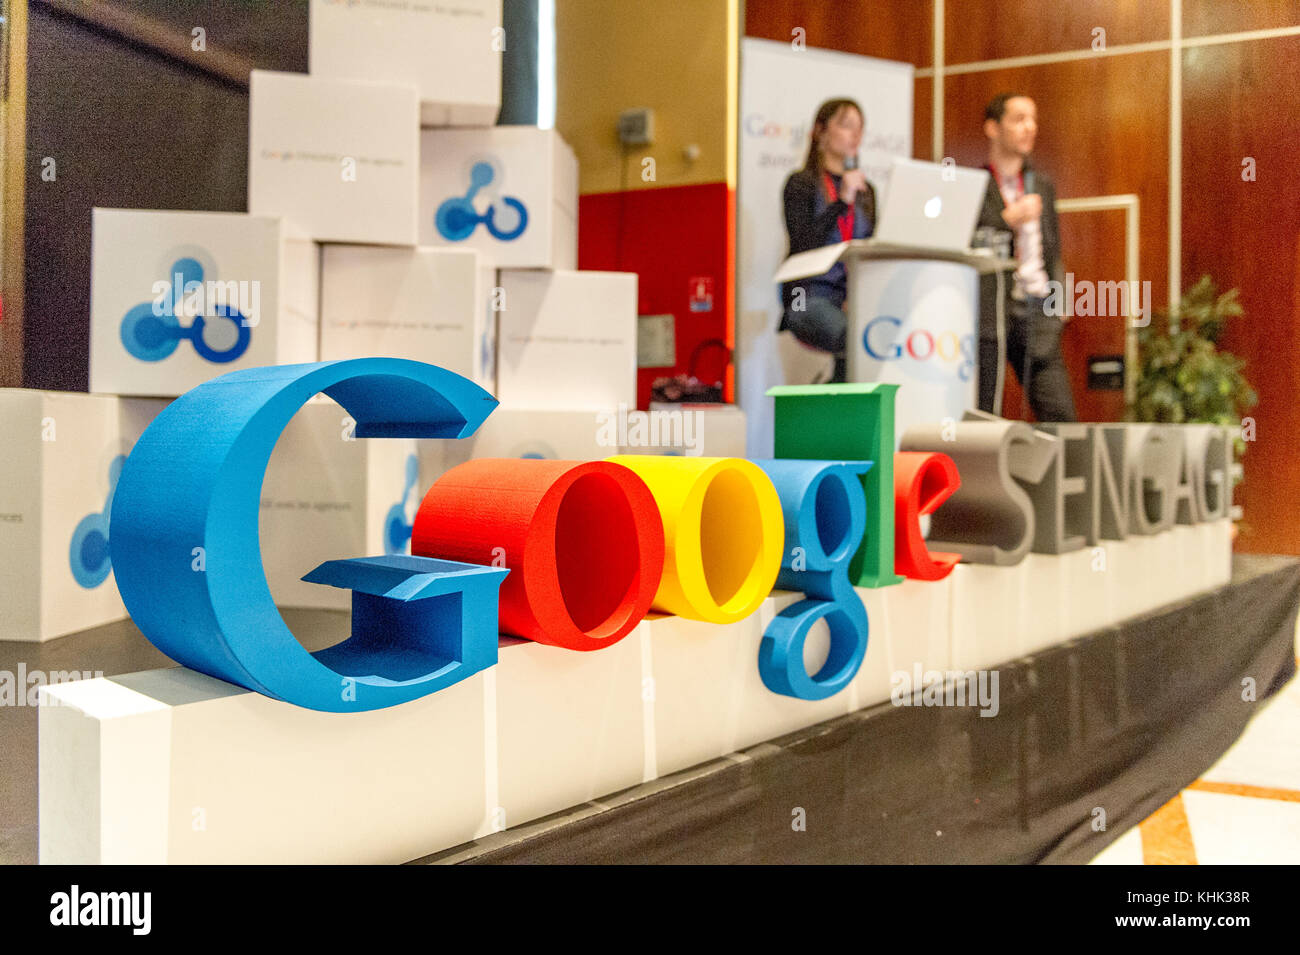 Europa Francia. seminario de capacitación de google Foto de stock